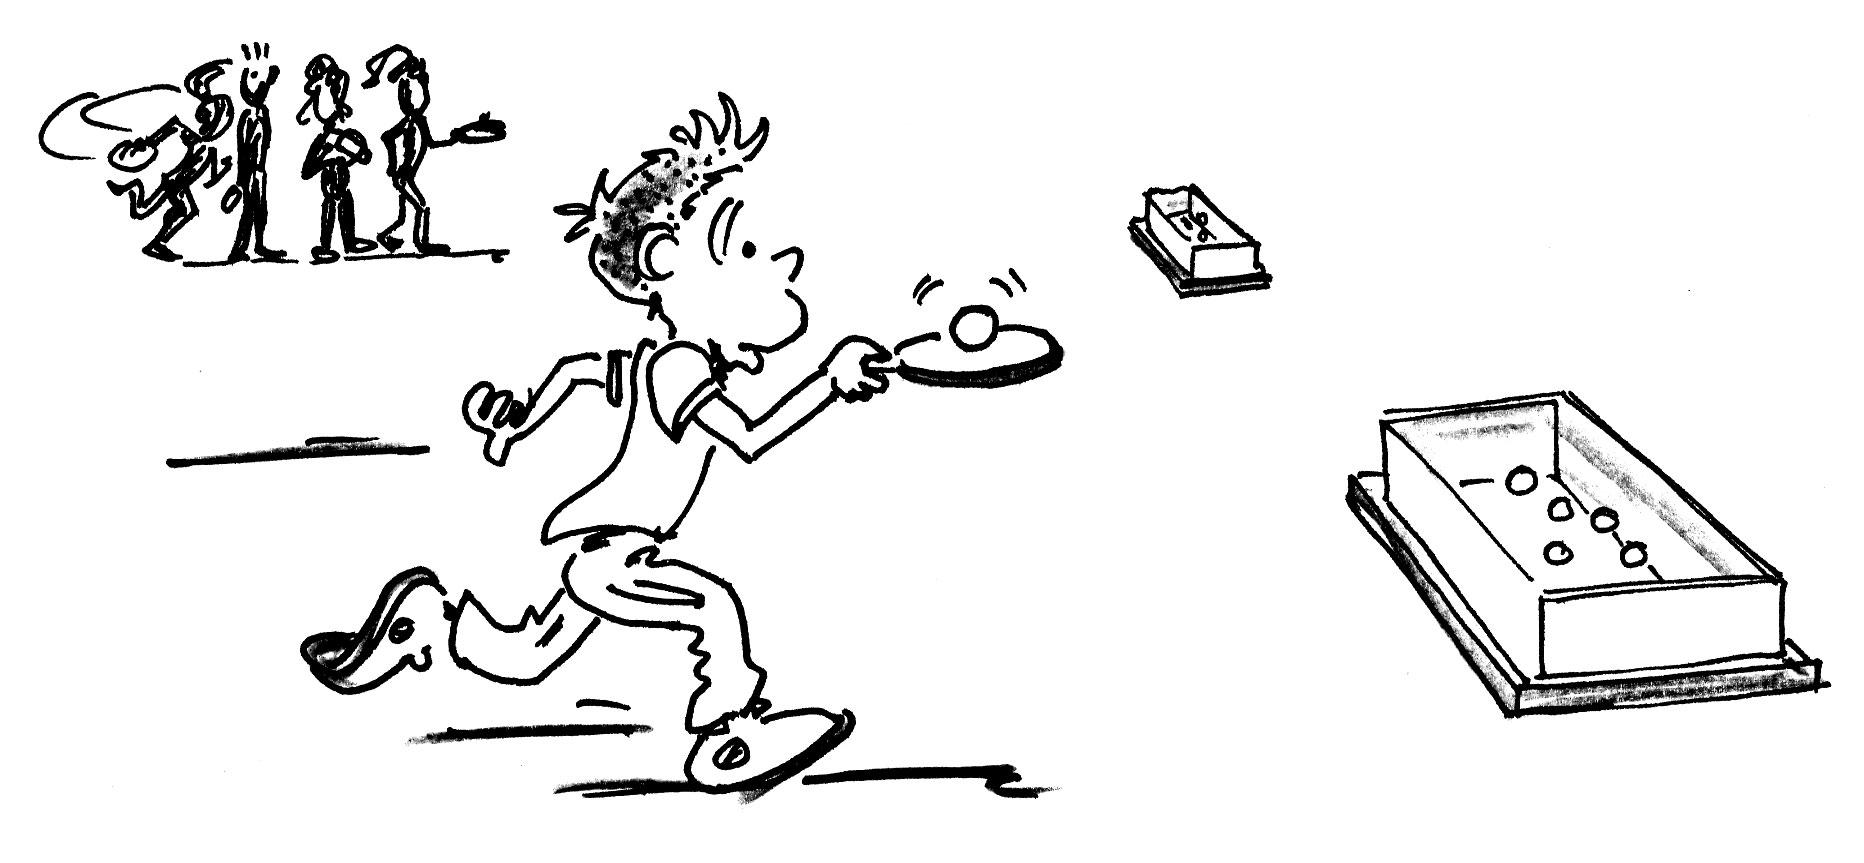 Jeux de renvoi avec enfants tennis de table facteur - Dessin tennis de table ...